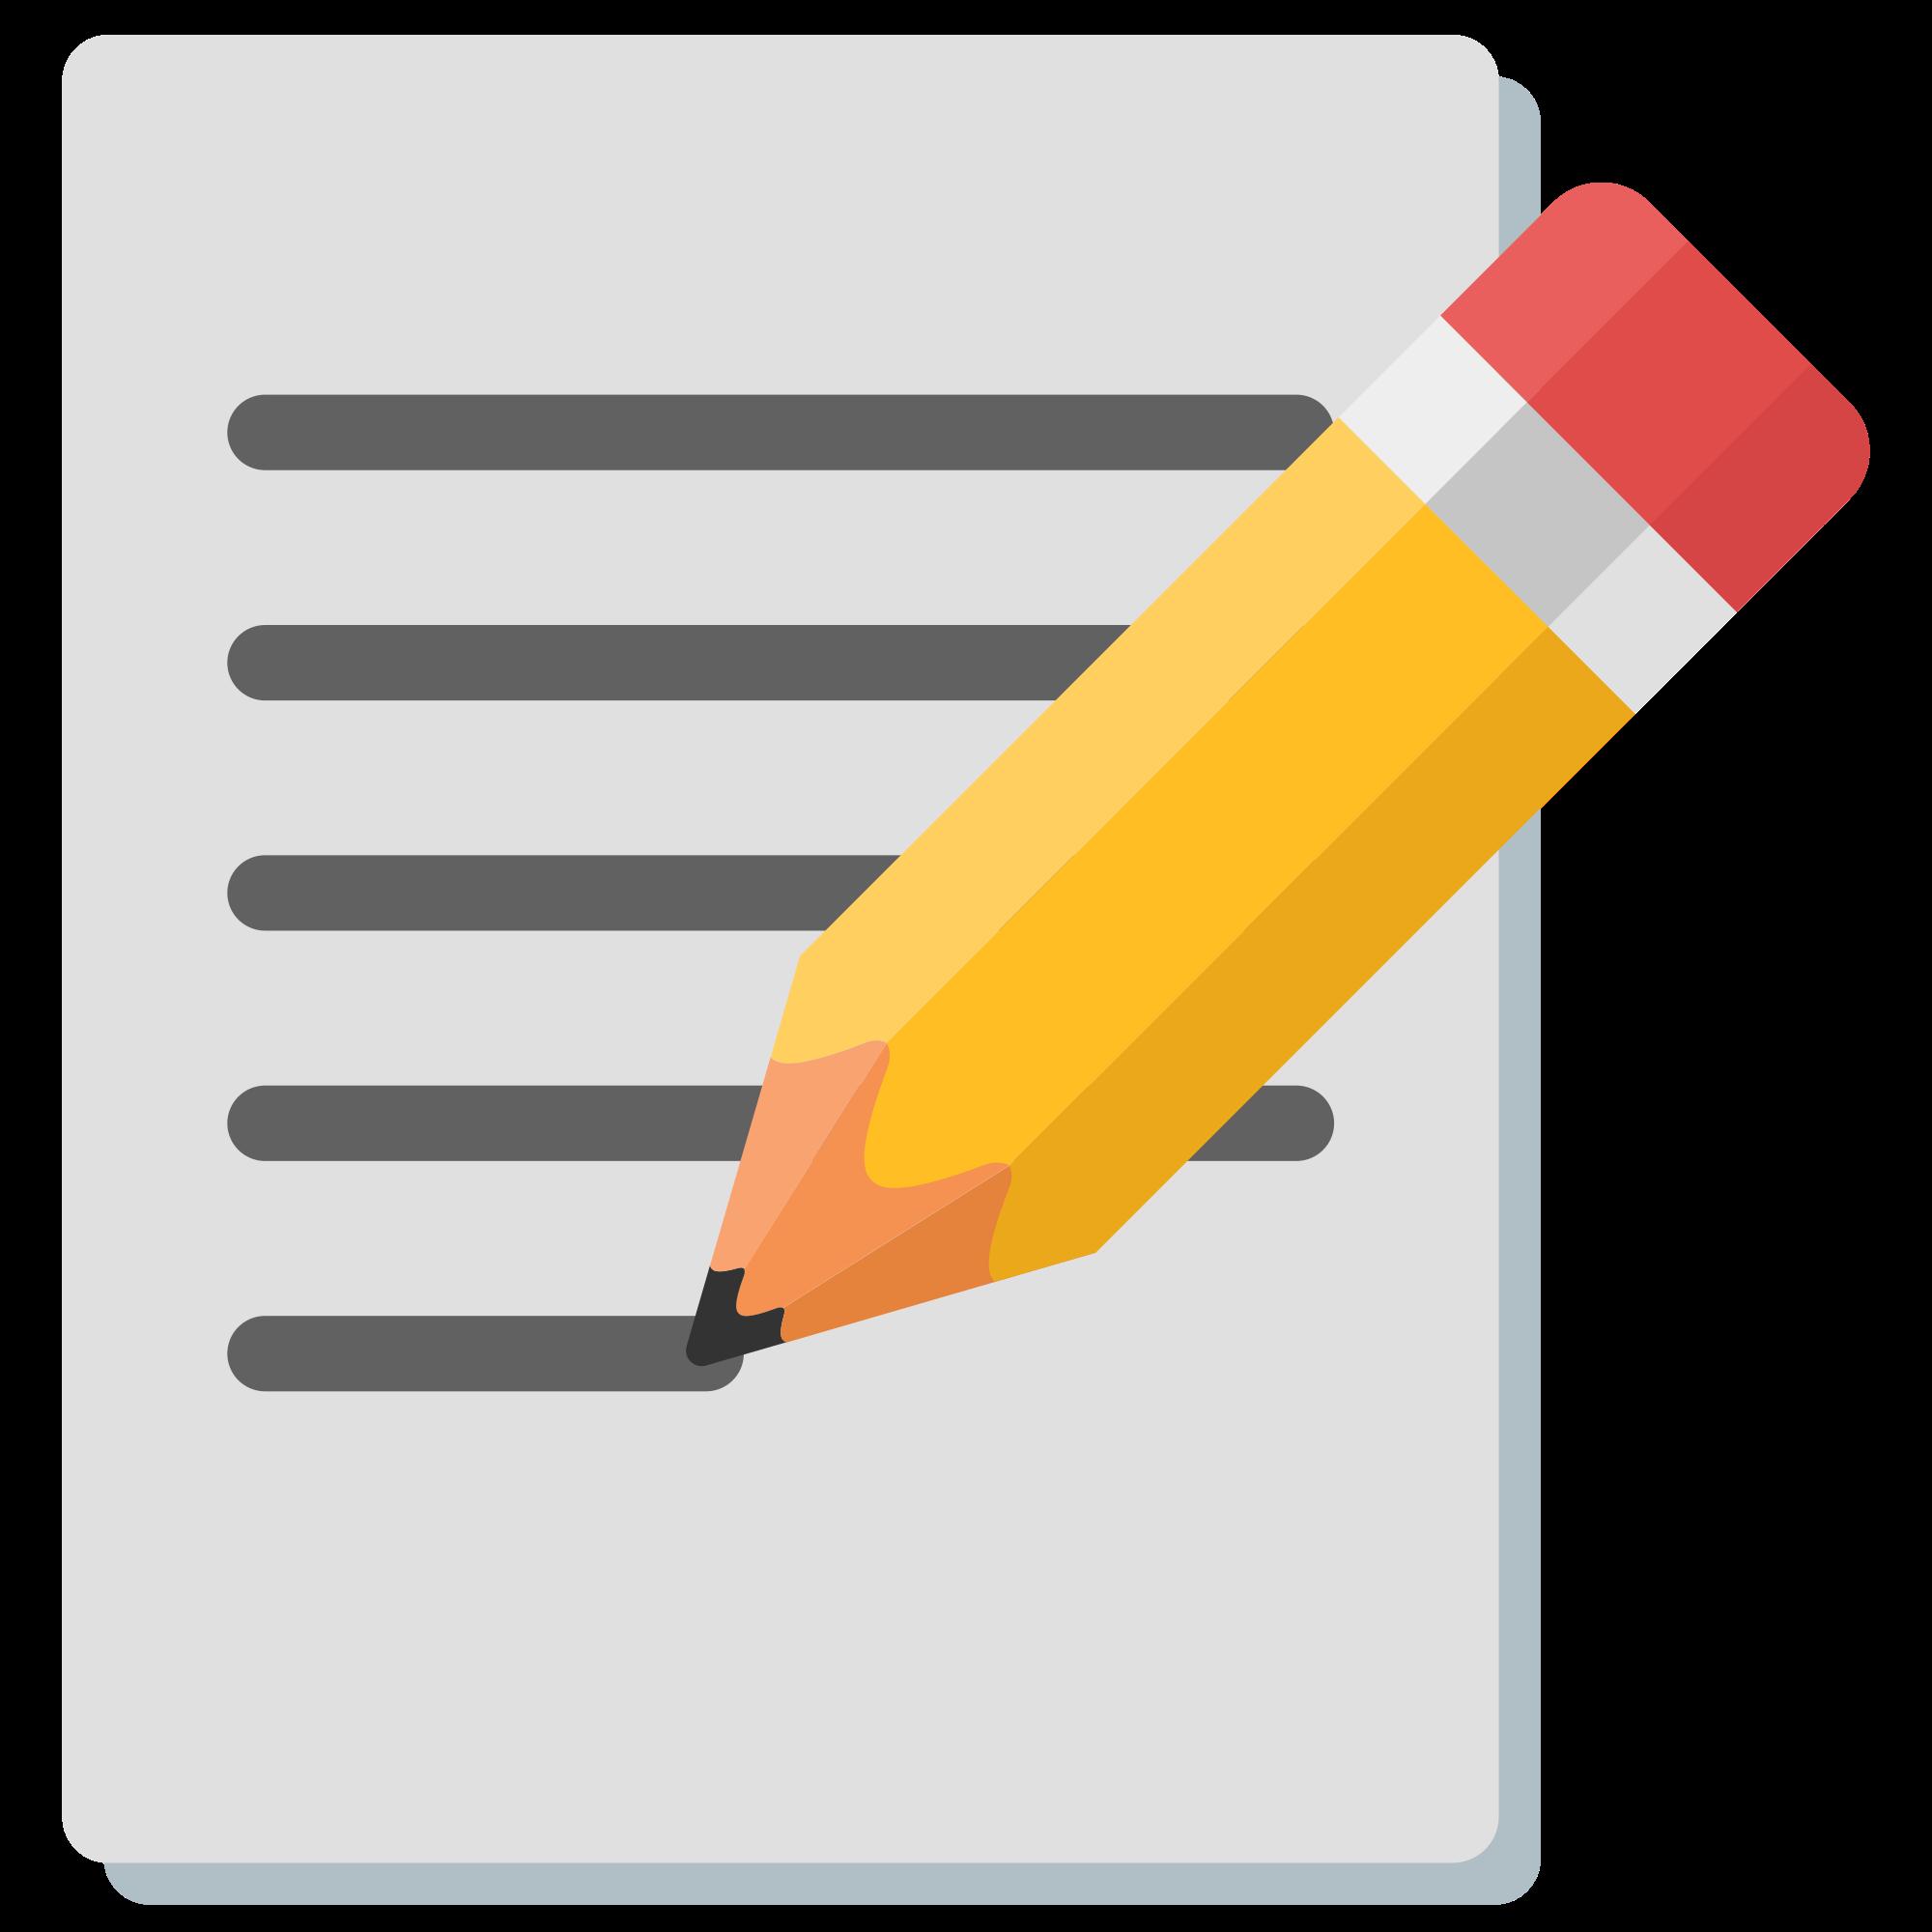 Clipart writing paper and pencil. File emoji u f